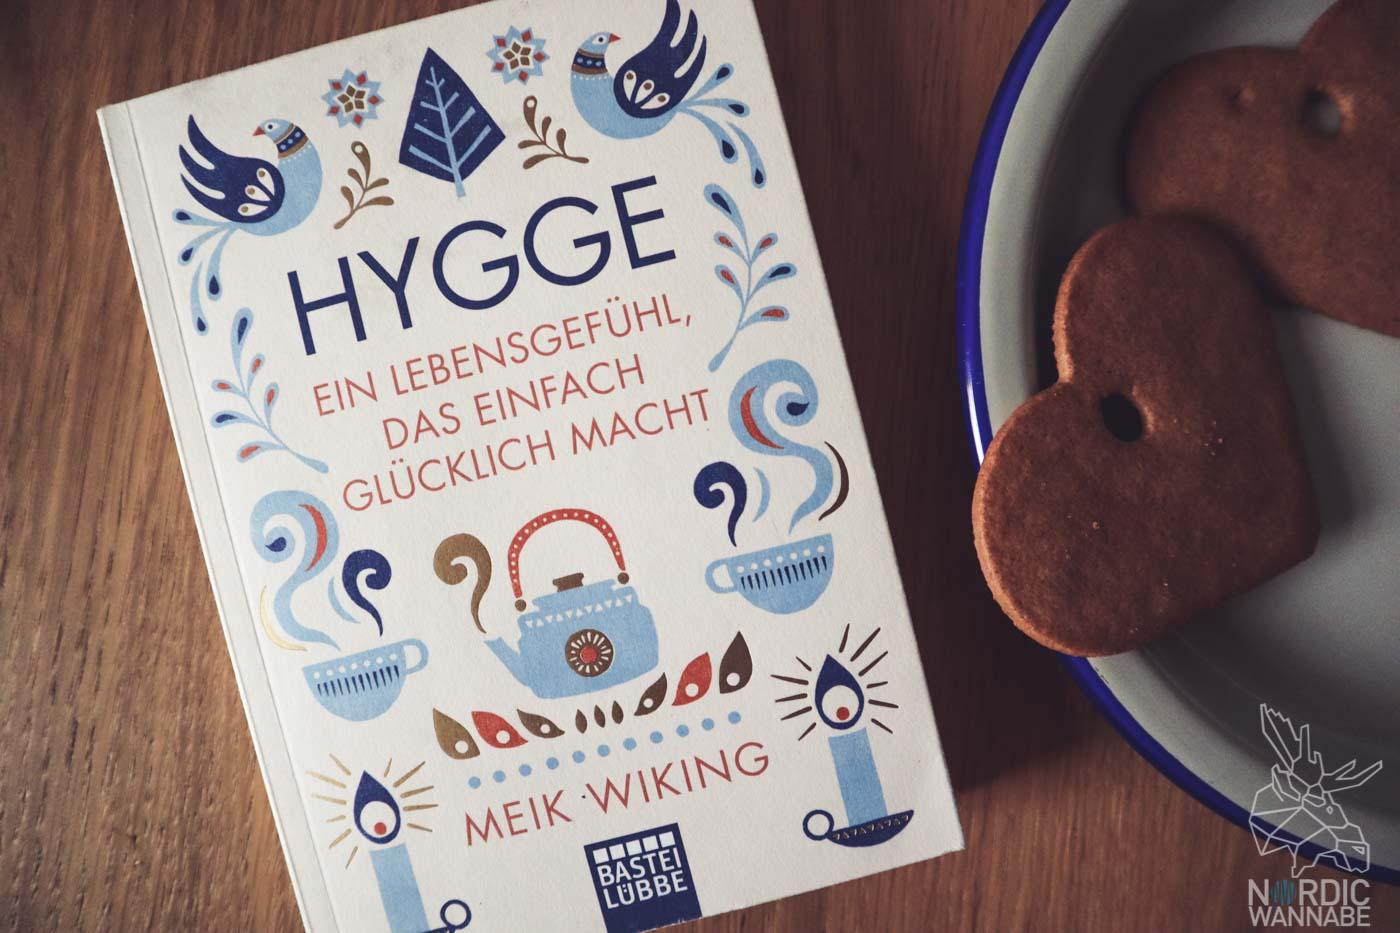 Skandinavische Bücher, Ratgeber, Lagom, Hygge, Lykke, Sisu, Skandinavisch Wohnen